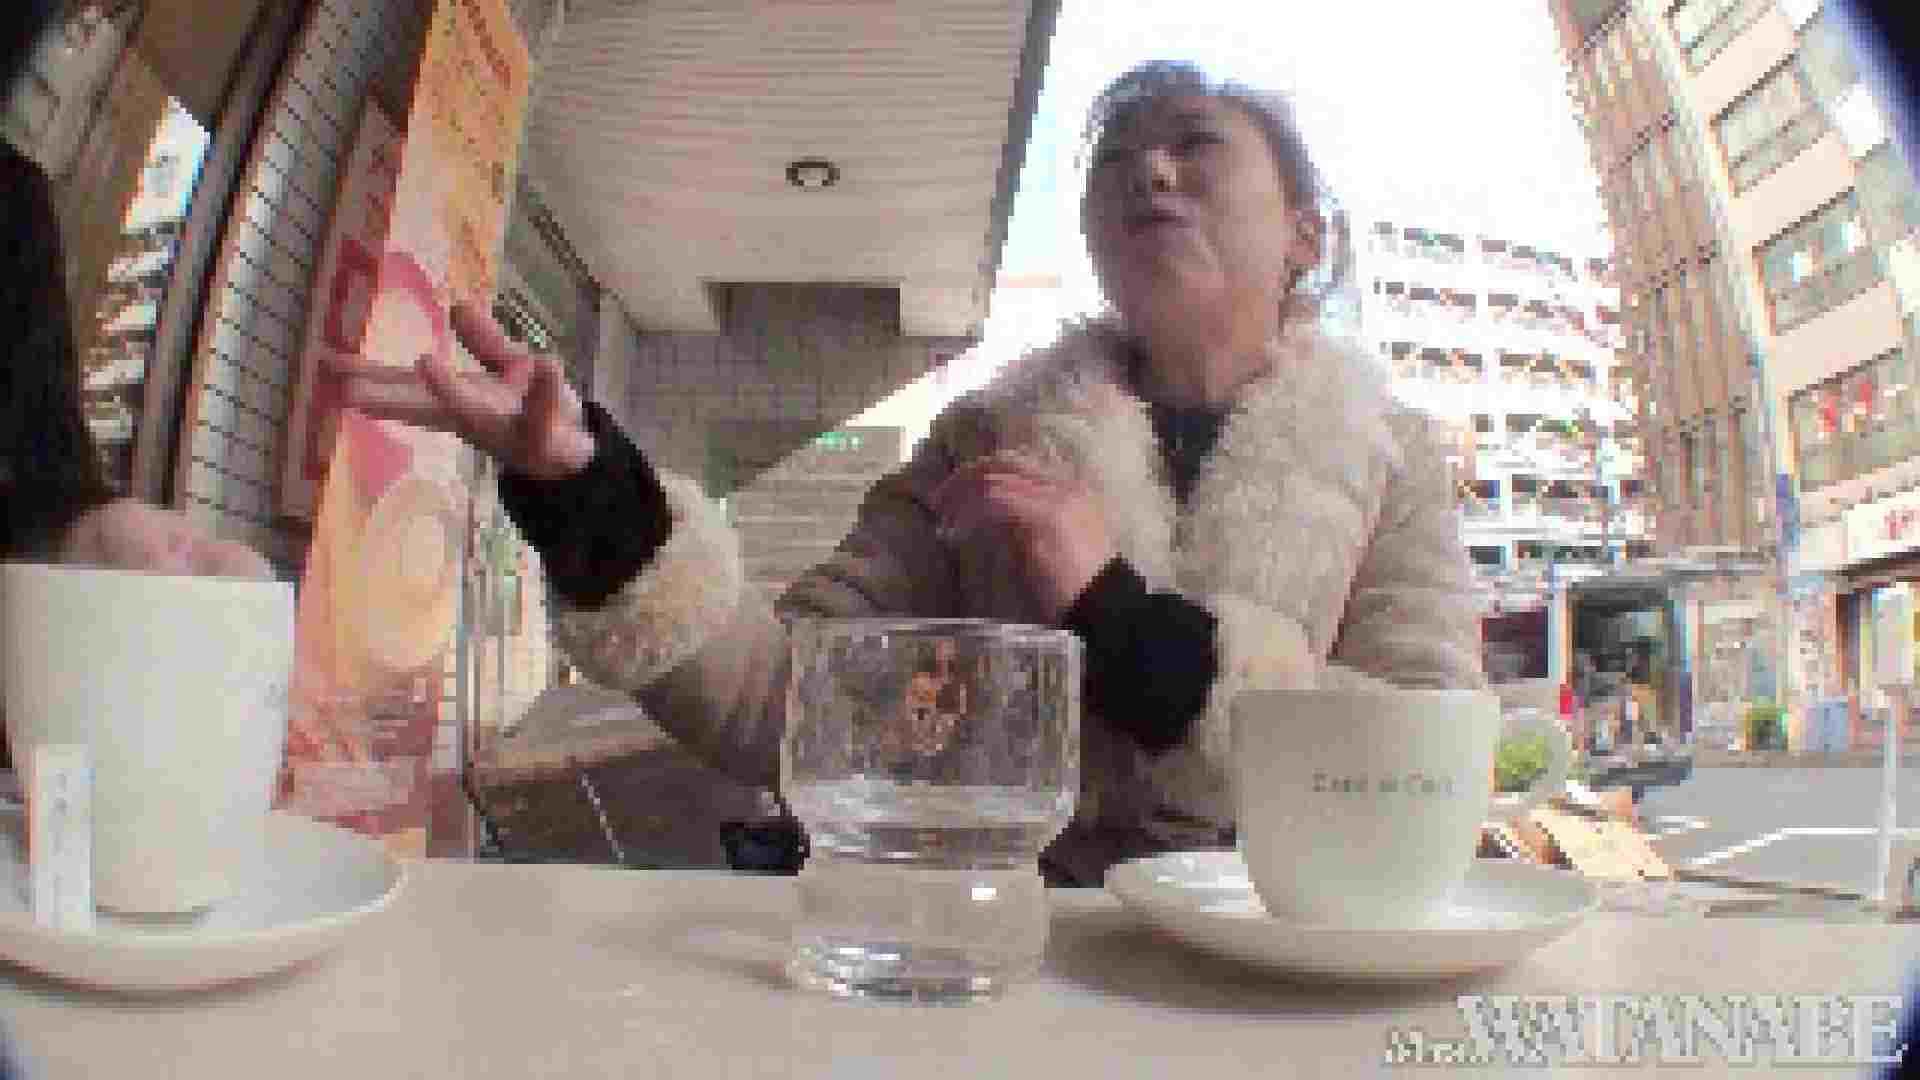 撮影スタッフを誘惑する痴熟女 かおり40歳 Vol.01 素人 オマンコ動画キャプチャ 82pic 23